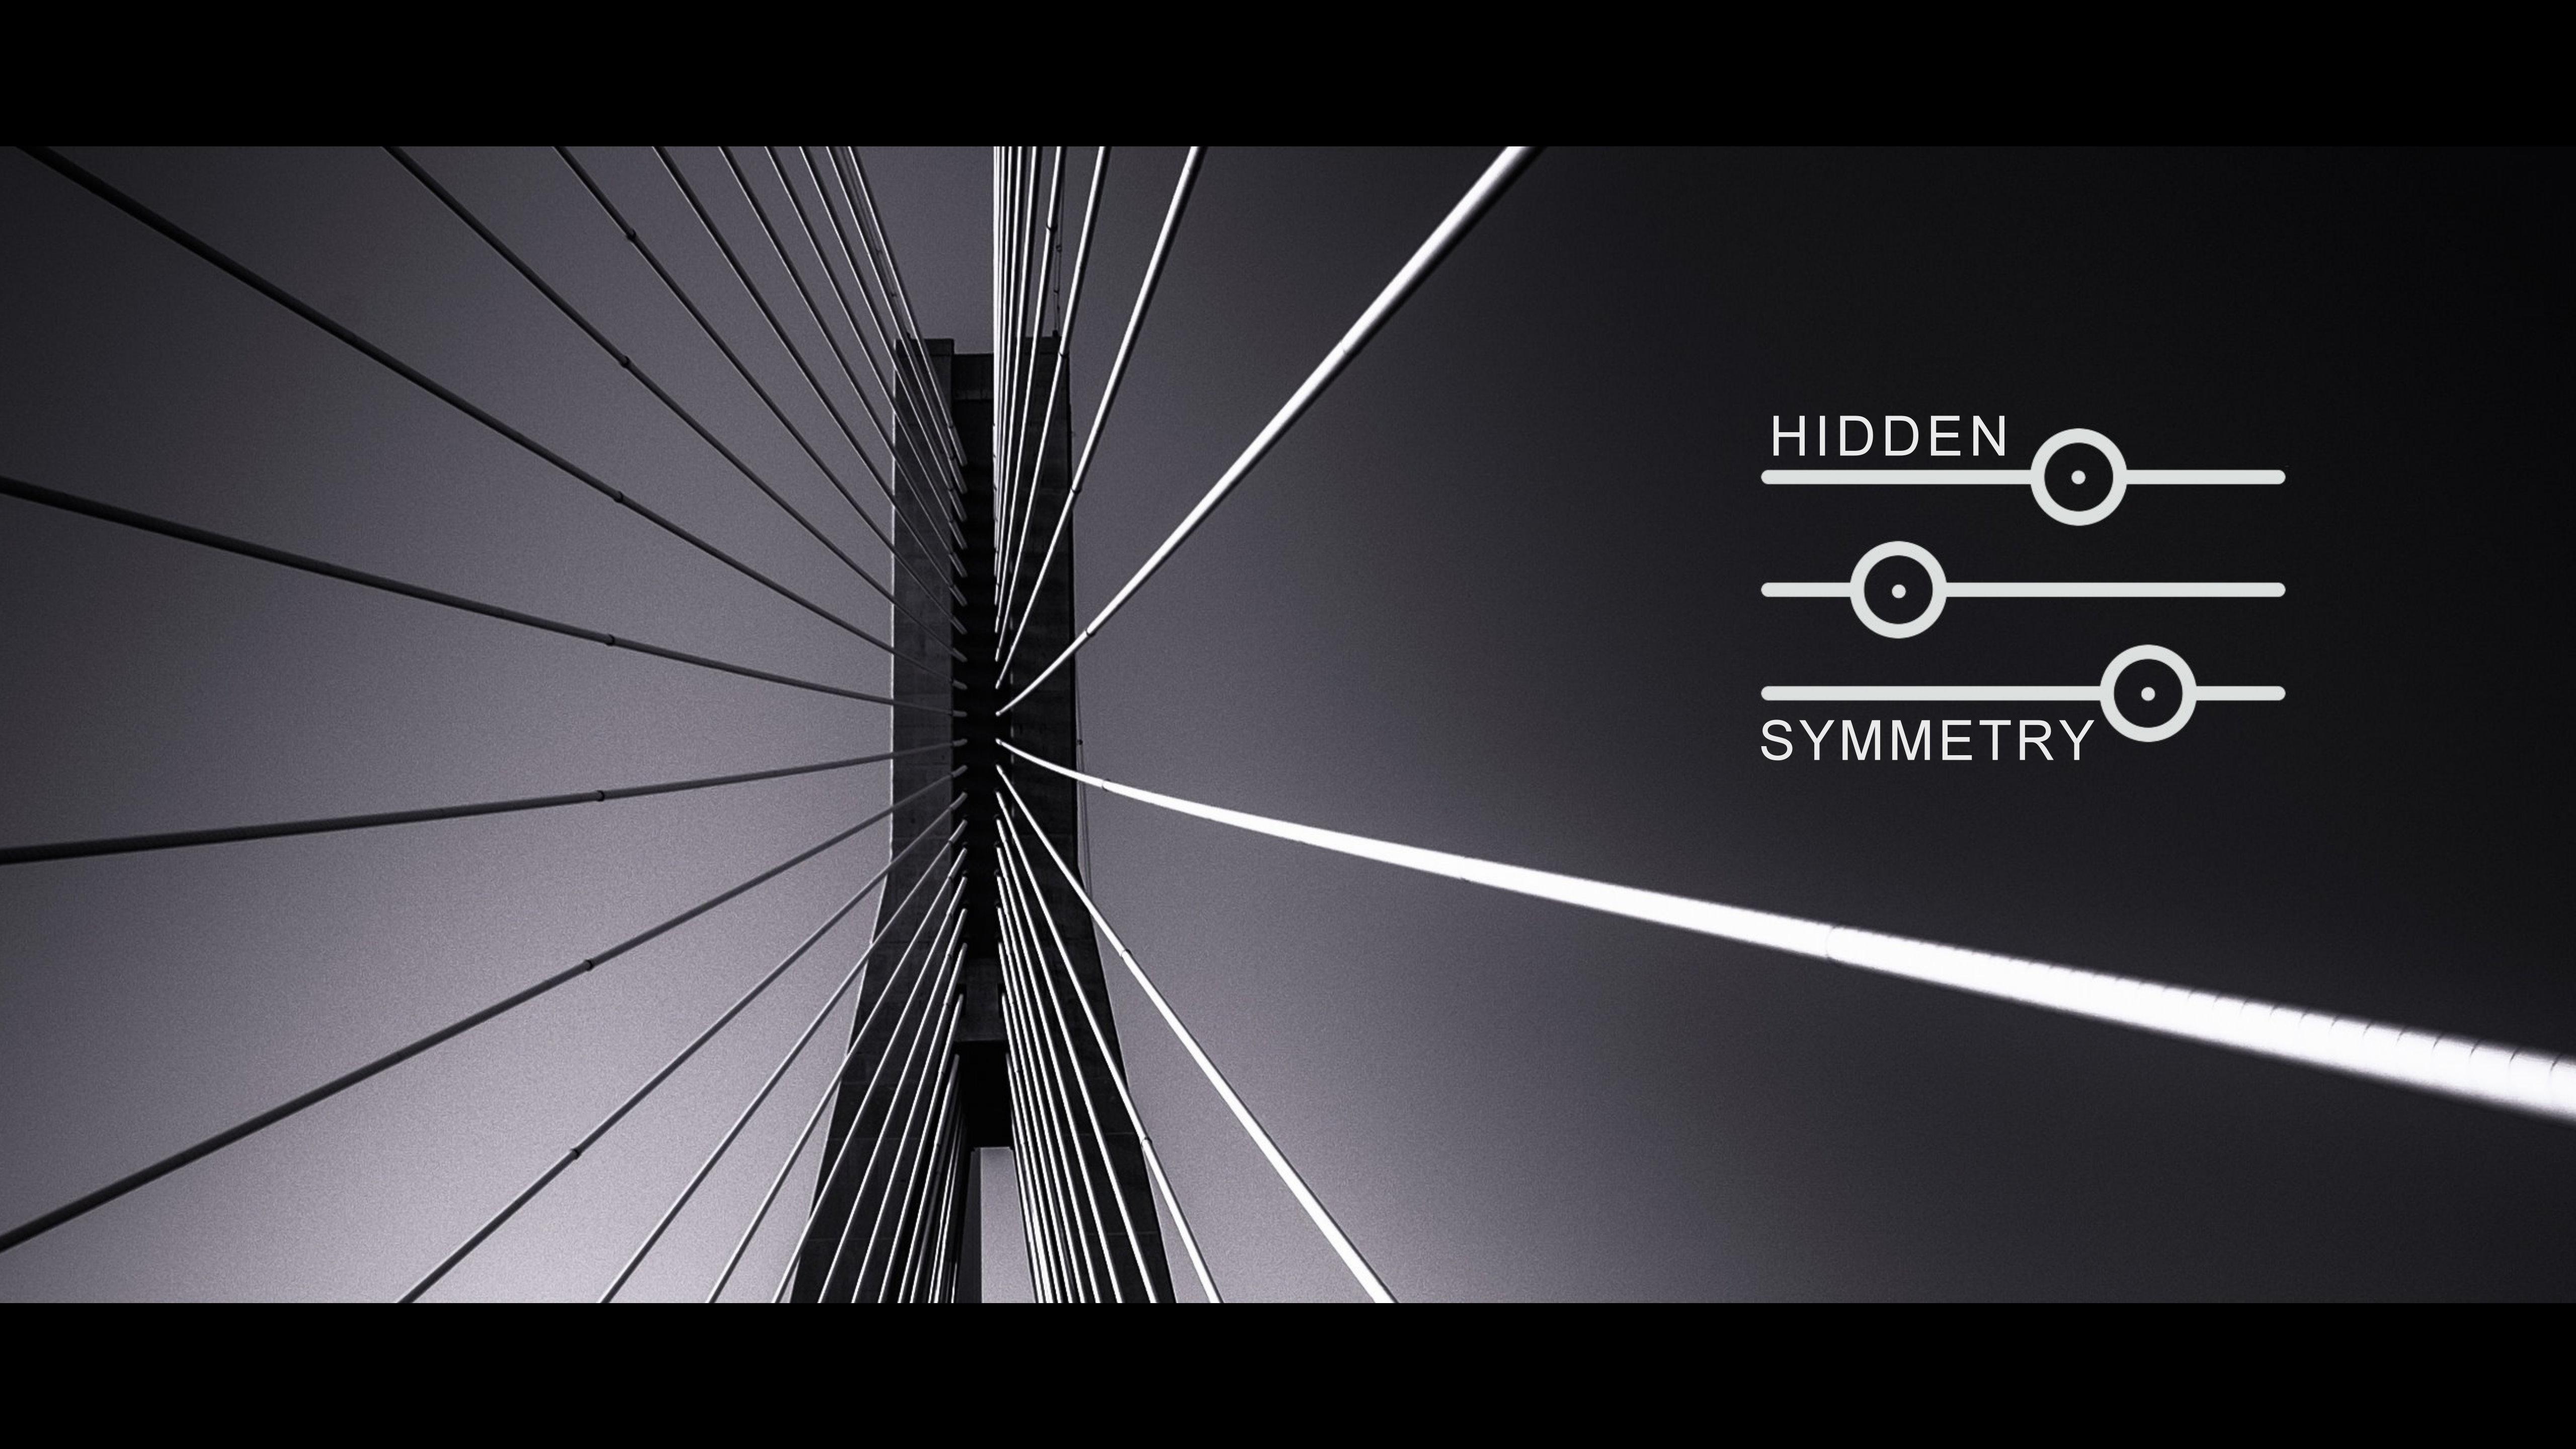 Hidden Symmetry releases new album SPAN